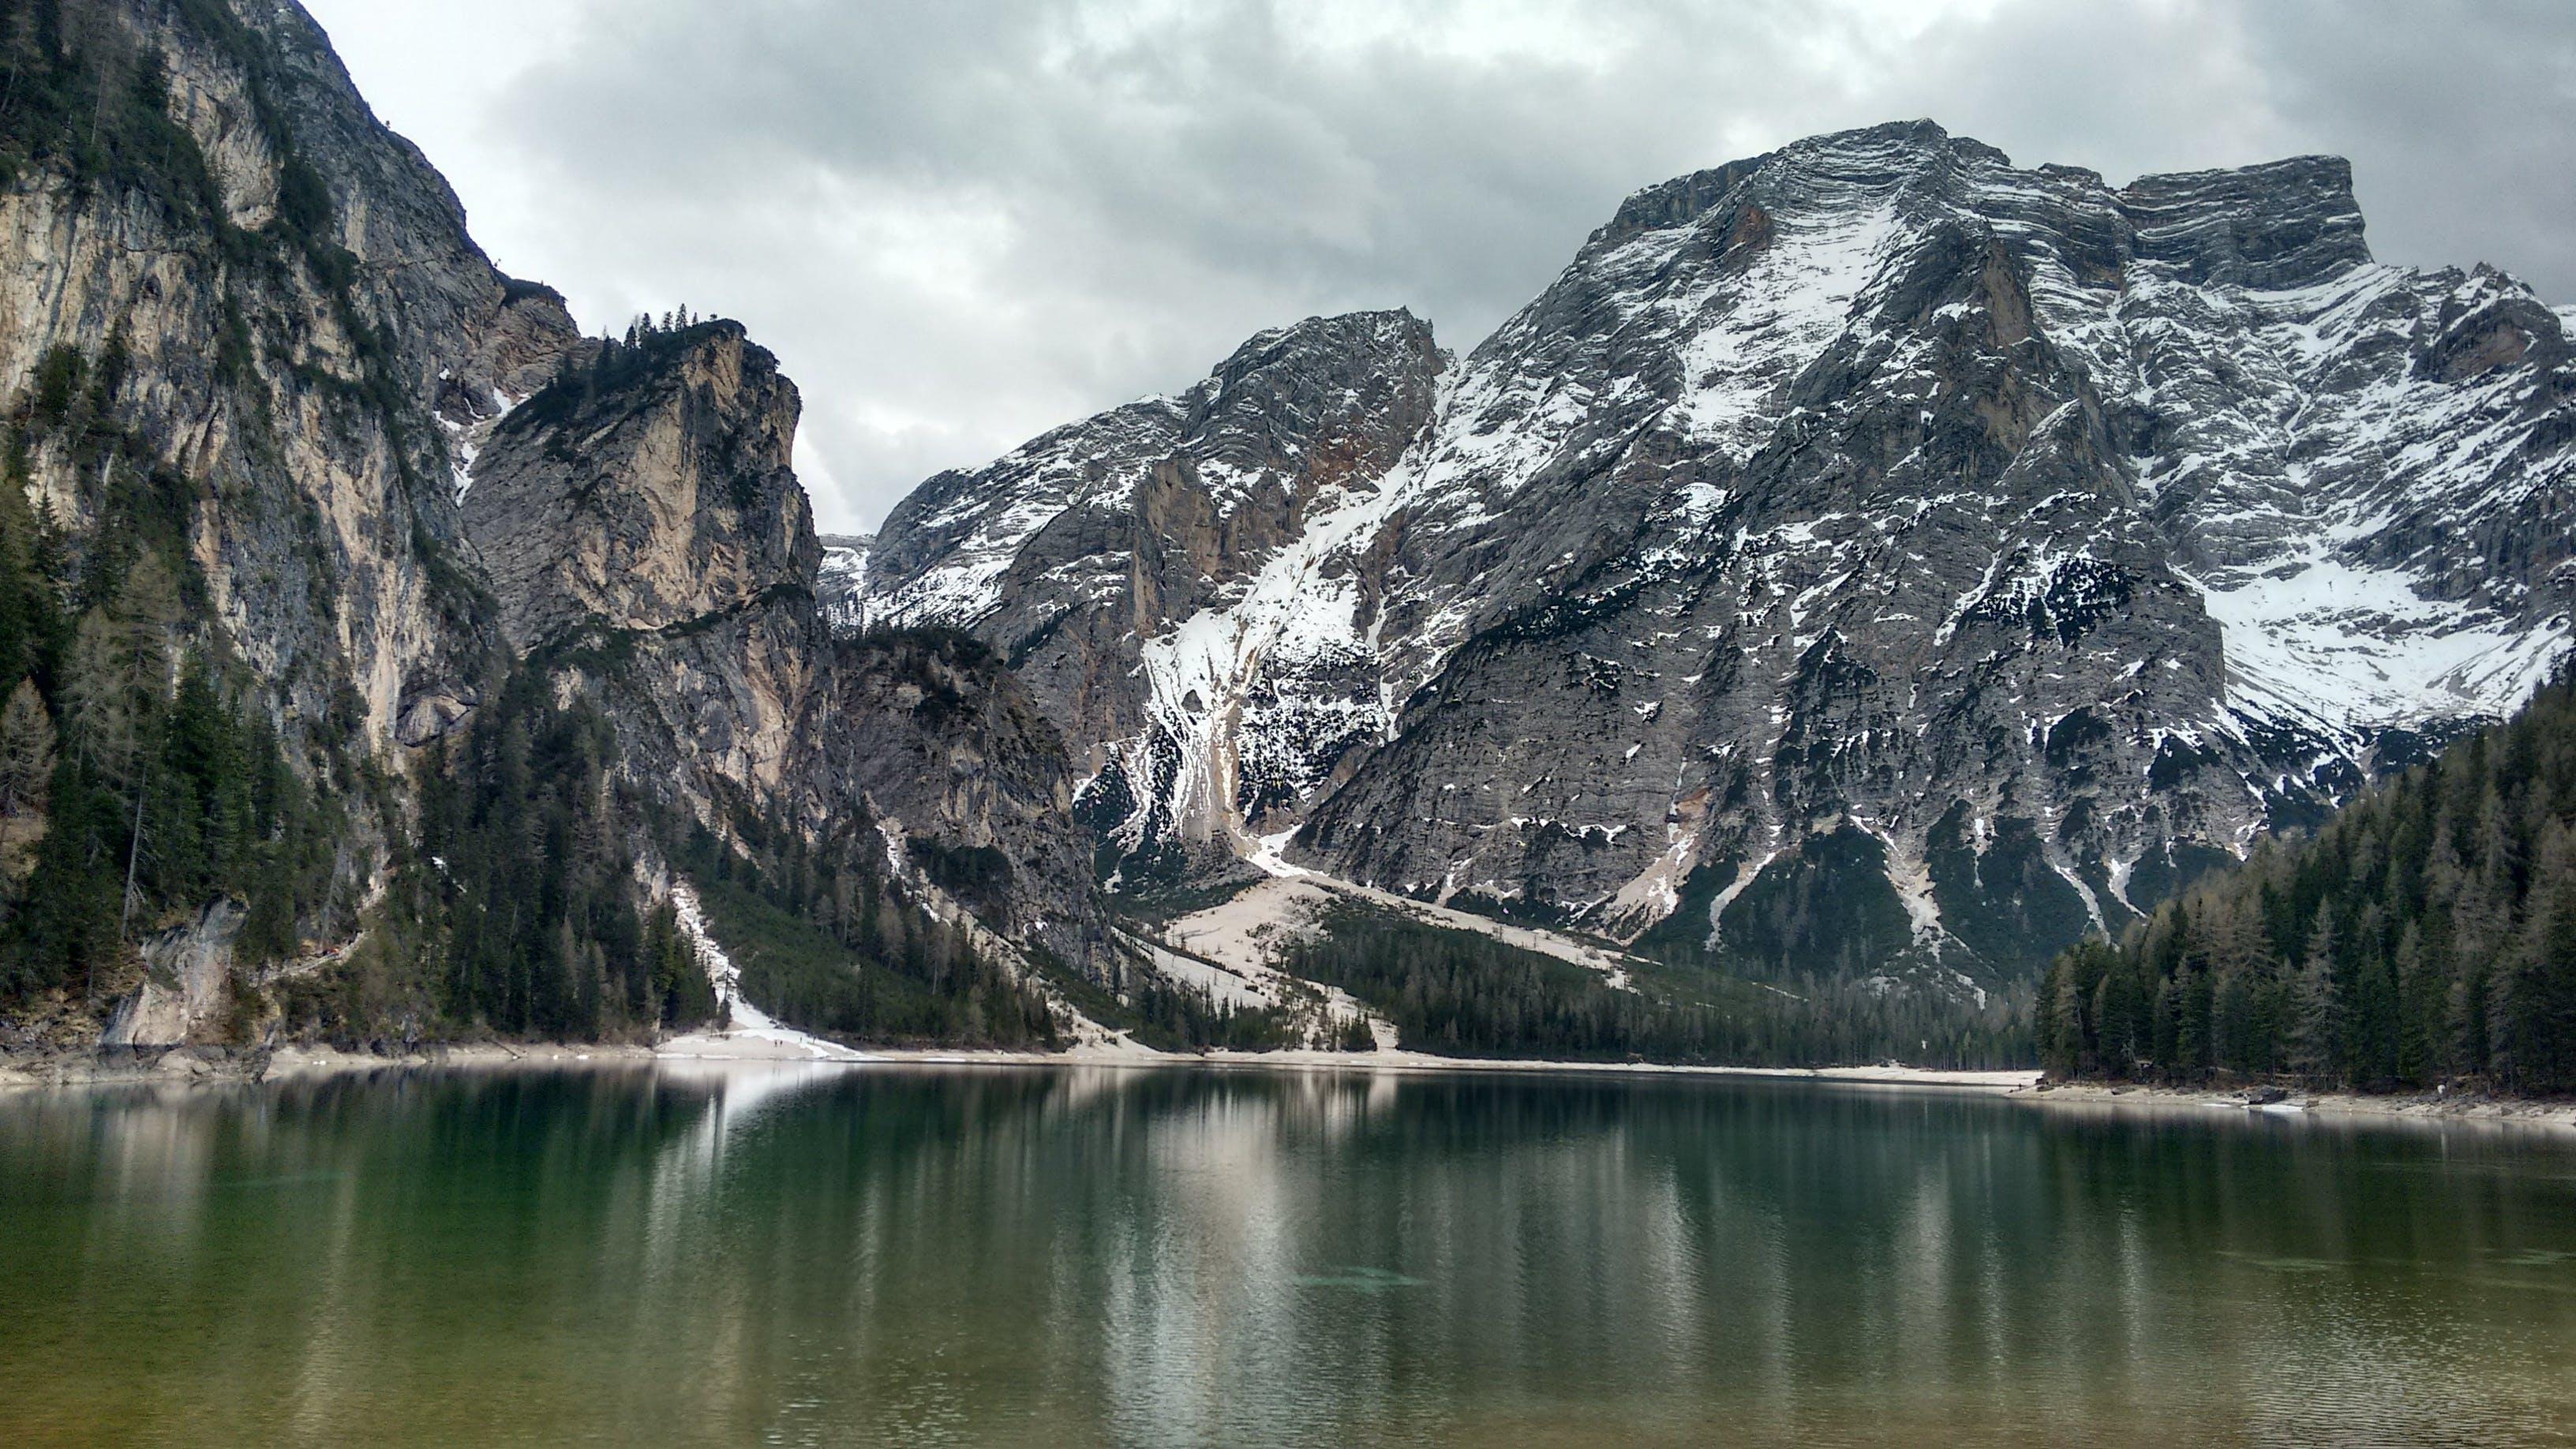 反射, 天性, 天空, 山 的 免費圖庫相片